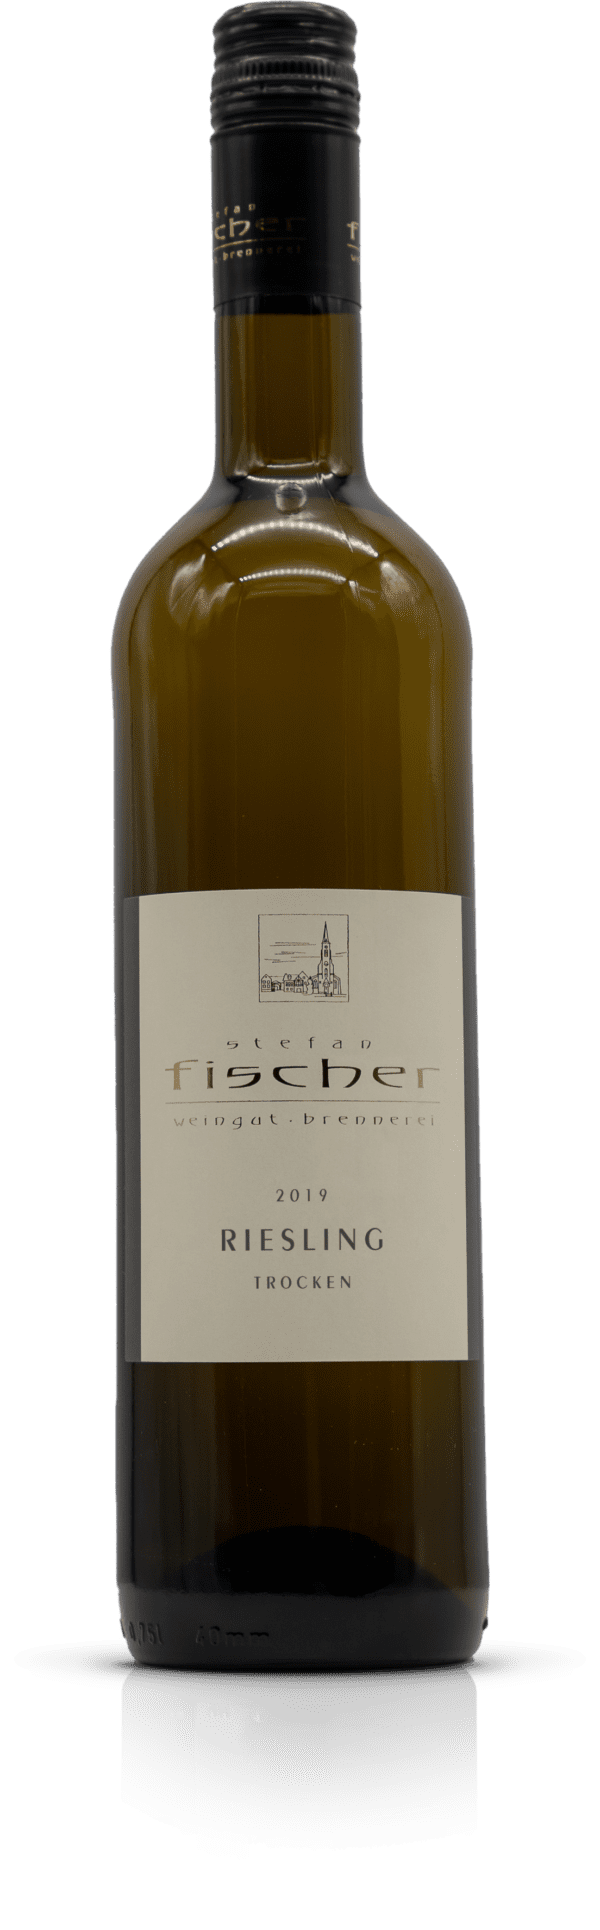 Weingut Stefan Fischer RIESLING trocken